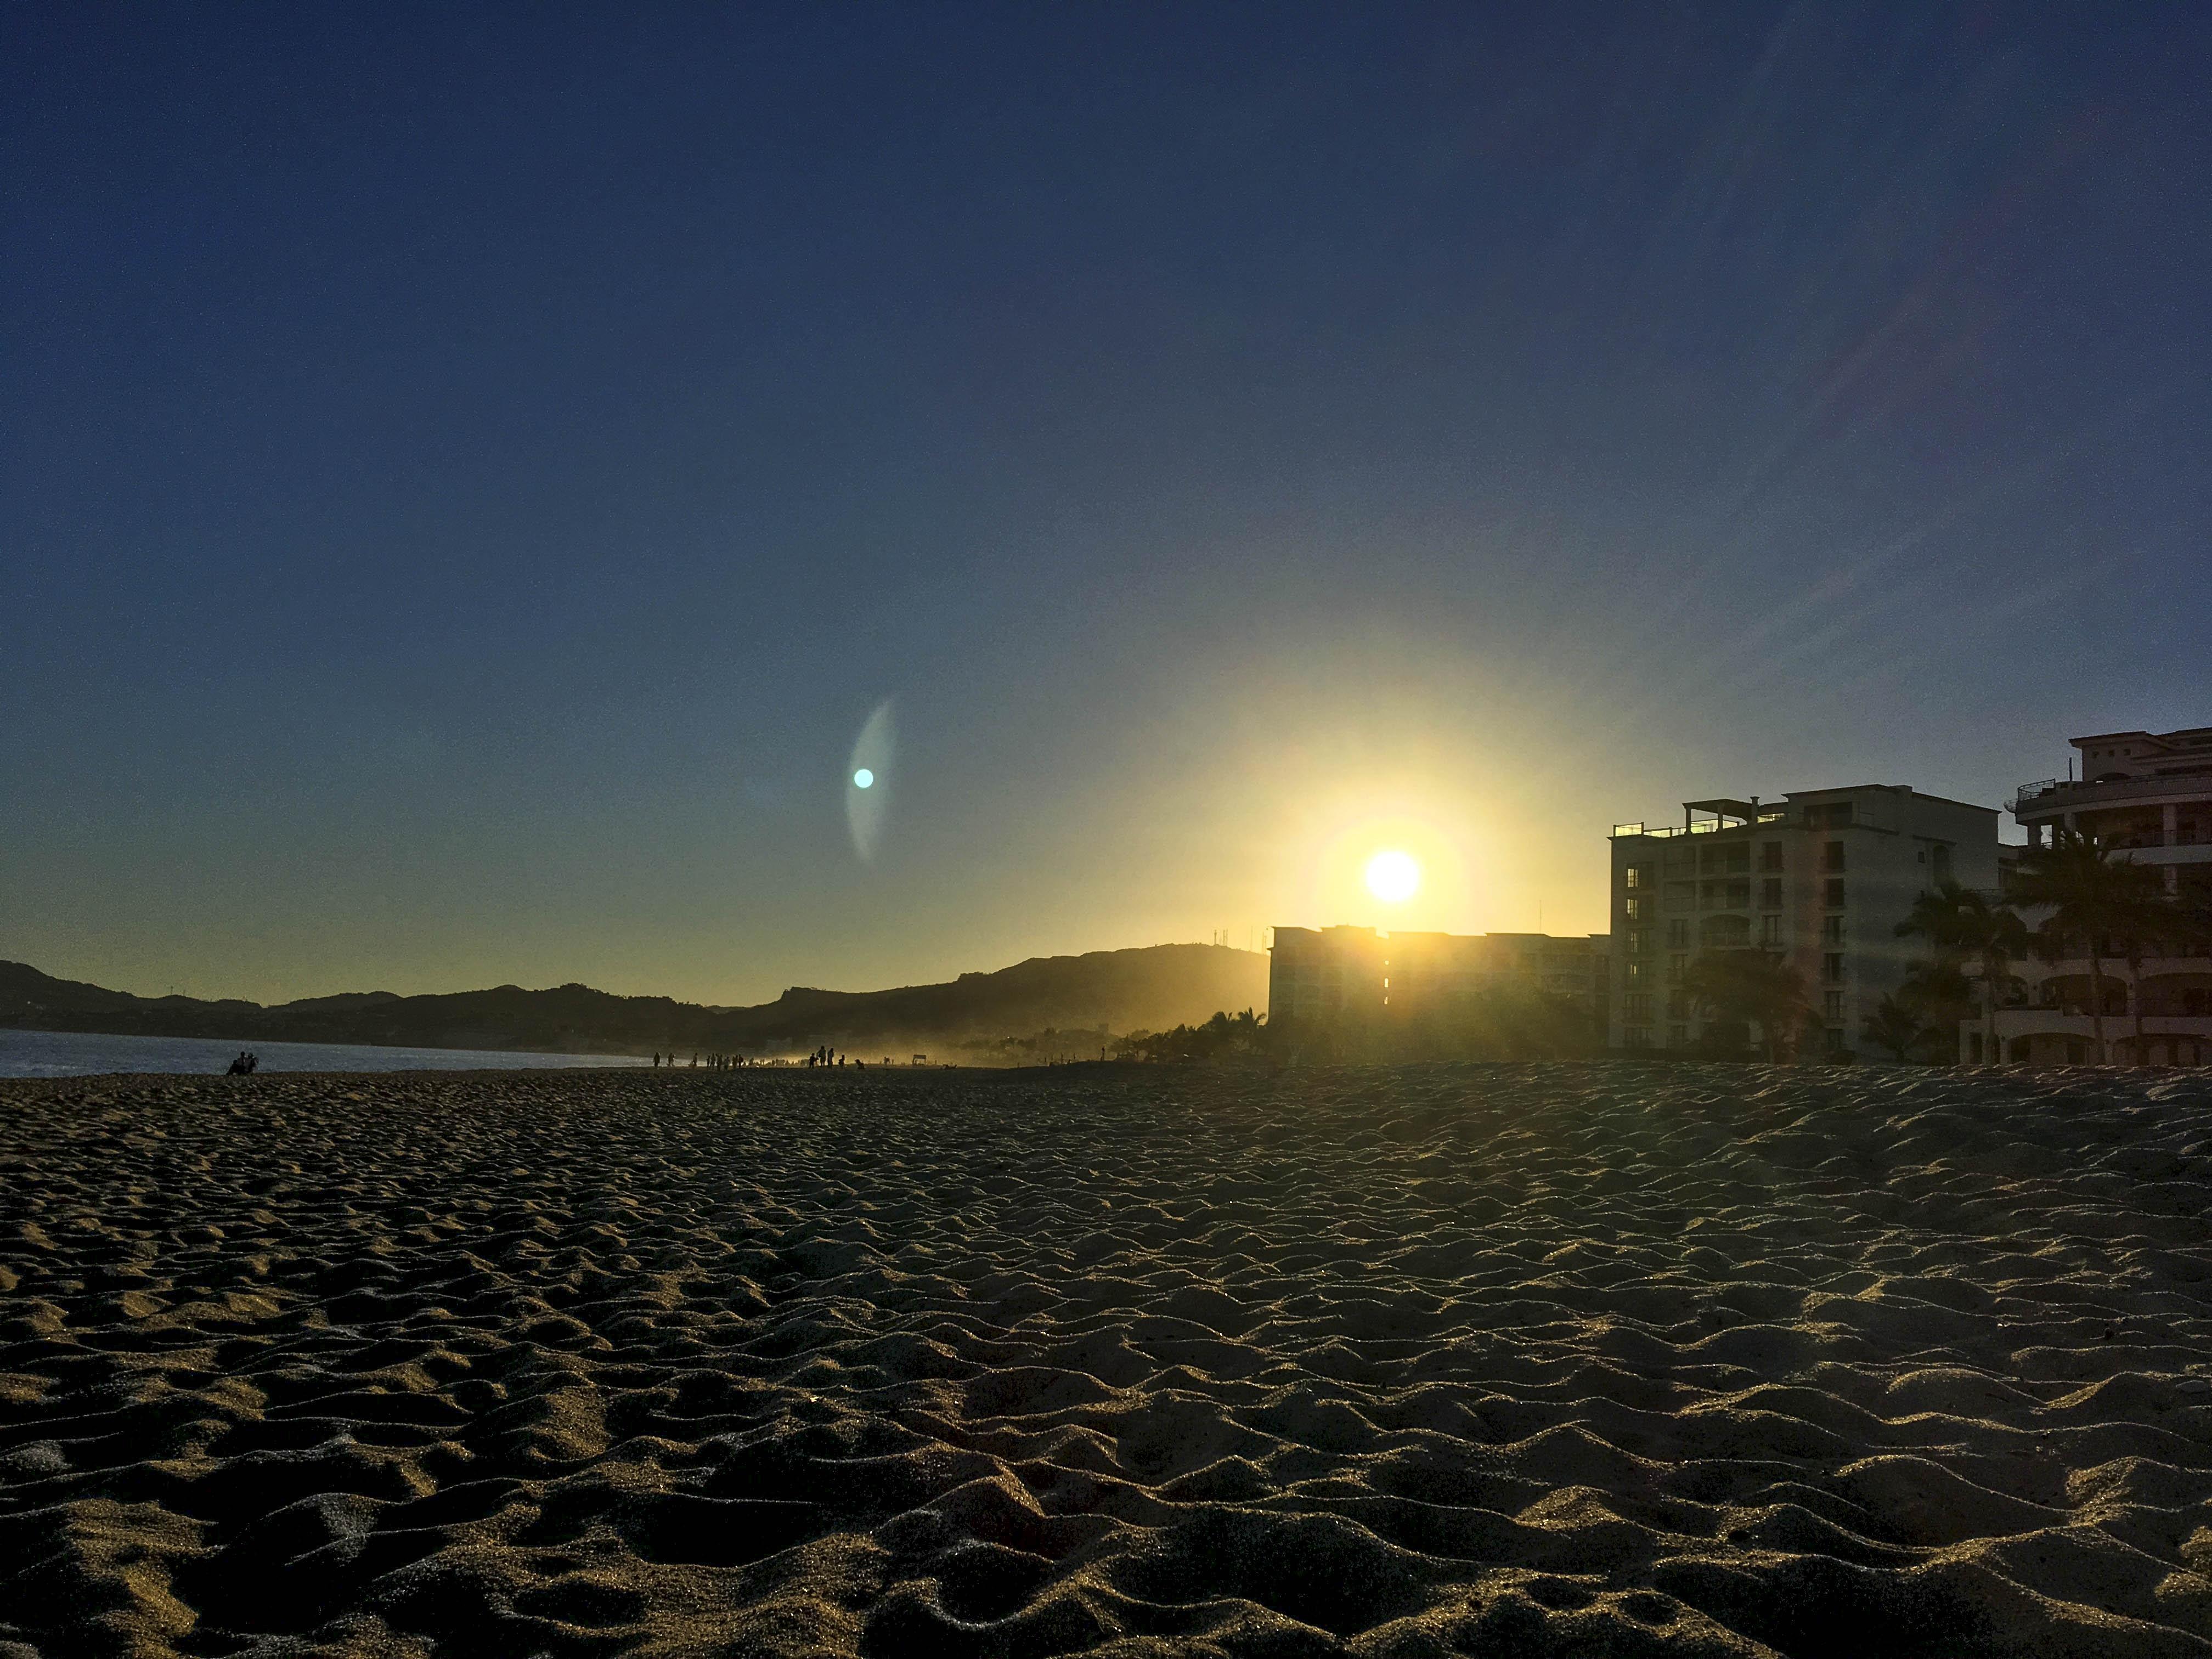 danto_solano_danto.solanoj@gmail.com_baja_california_sur_los_cabos_viaje_avion_vacaciones_aventura_21k_carrera_playa_atardecer_amanecer_el_arco_ballenas_6